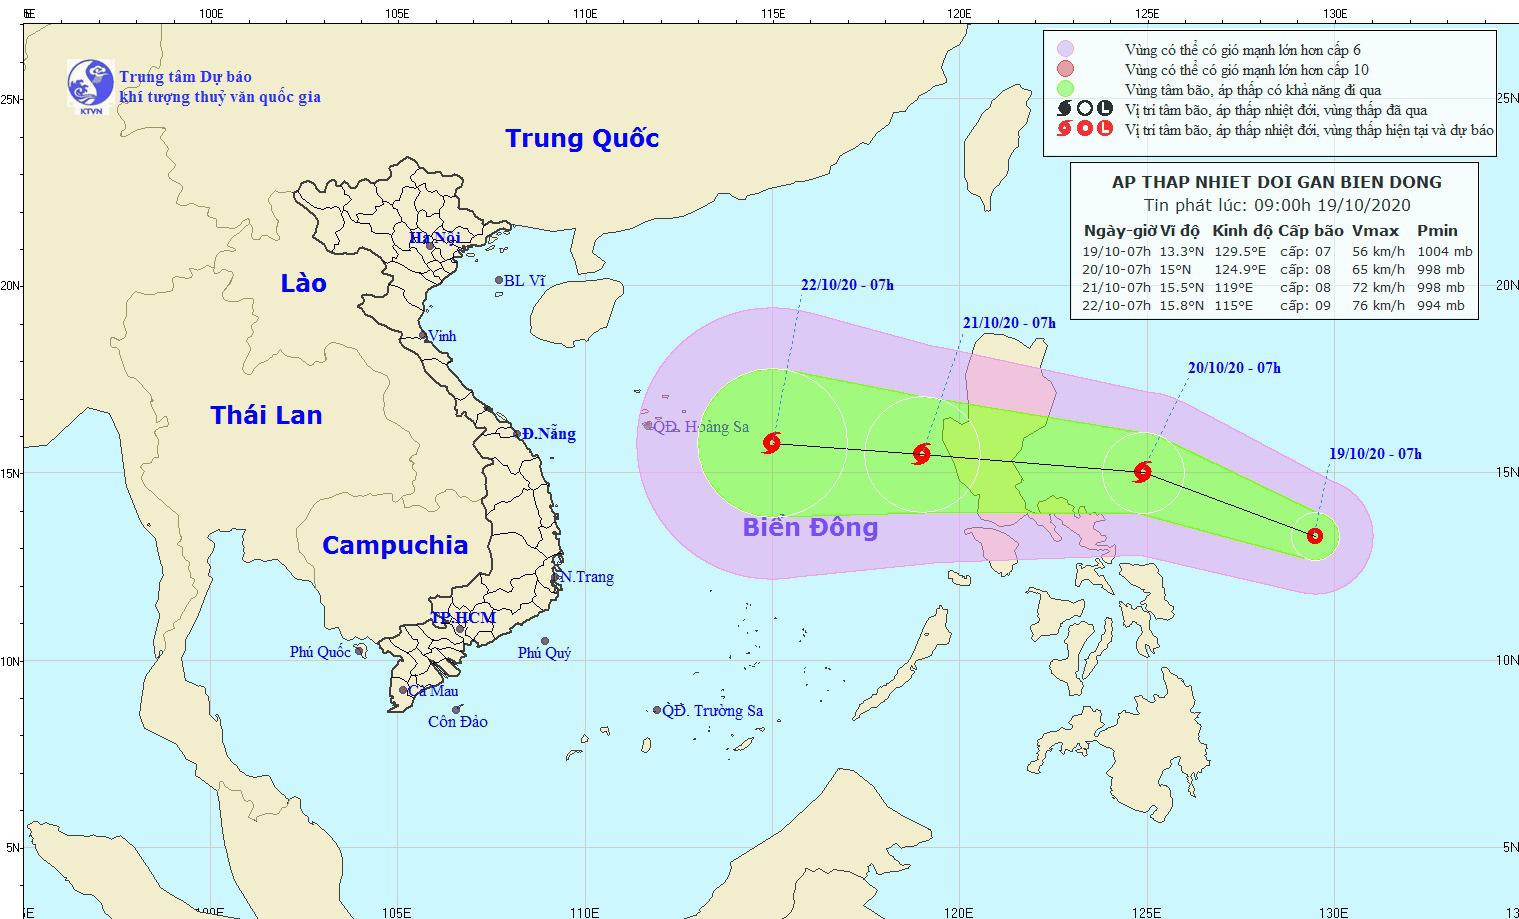 Hà Tĩnh, Quảng Bình đỉnh lũ vượt lũ lịch sử, thêm áp thấp nhiệt đới gần bờ, lại lo lũ chồng lũ - Ảnh 1.